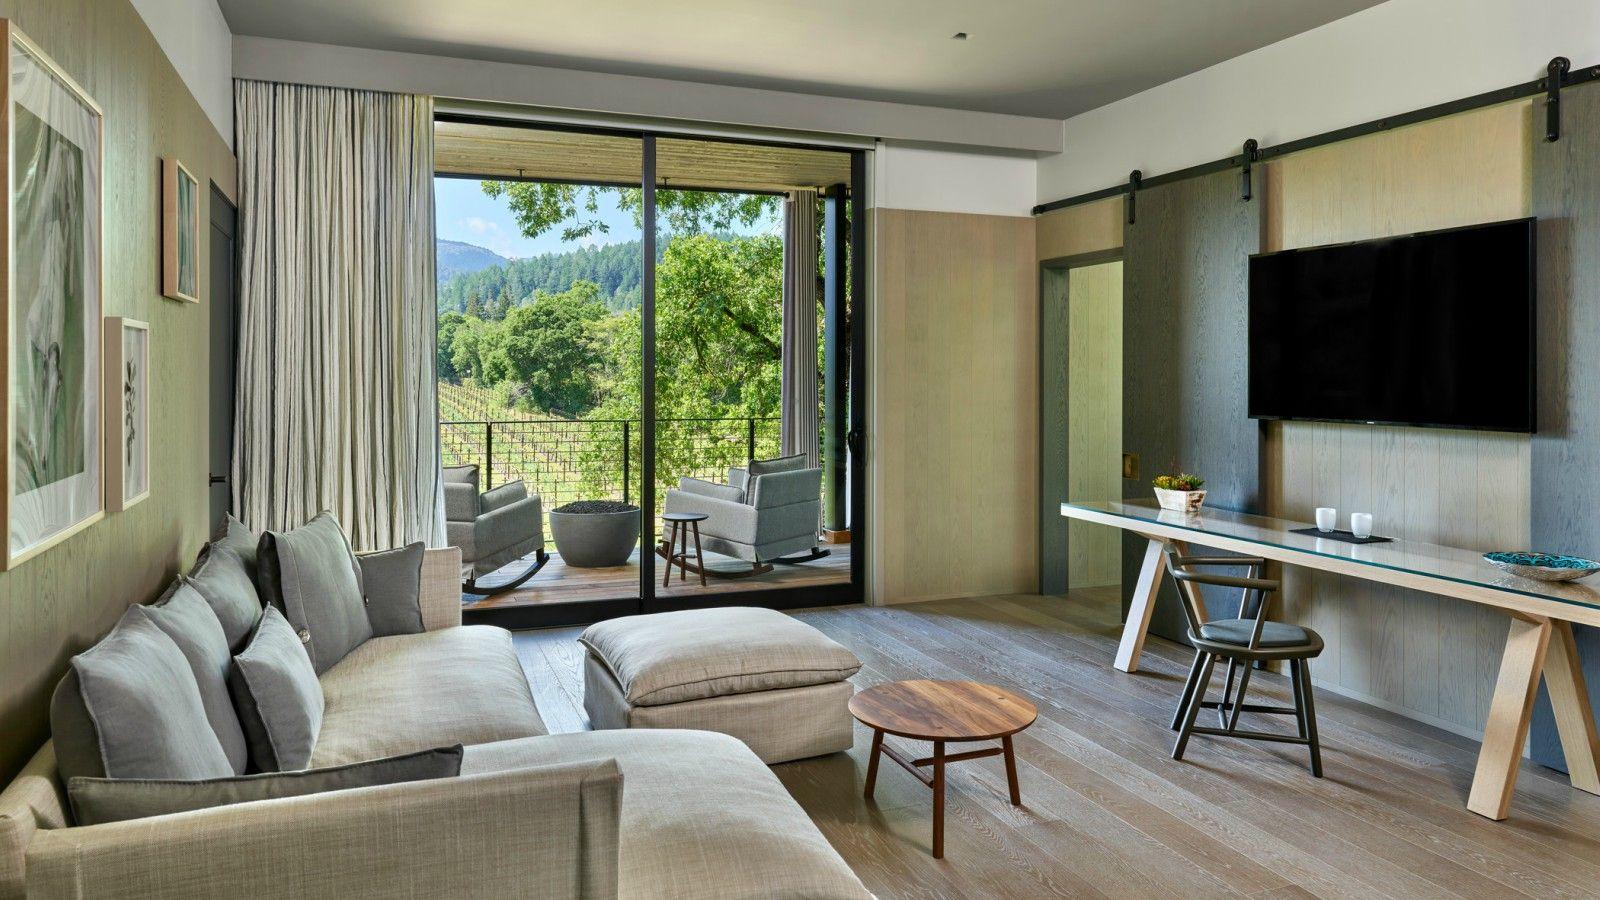 las-alcobas-napa-valley-king-suite.jpg